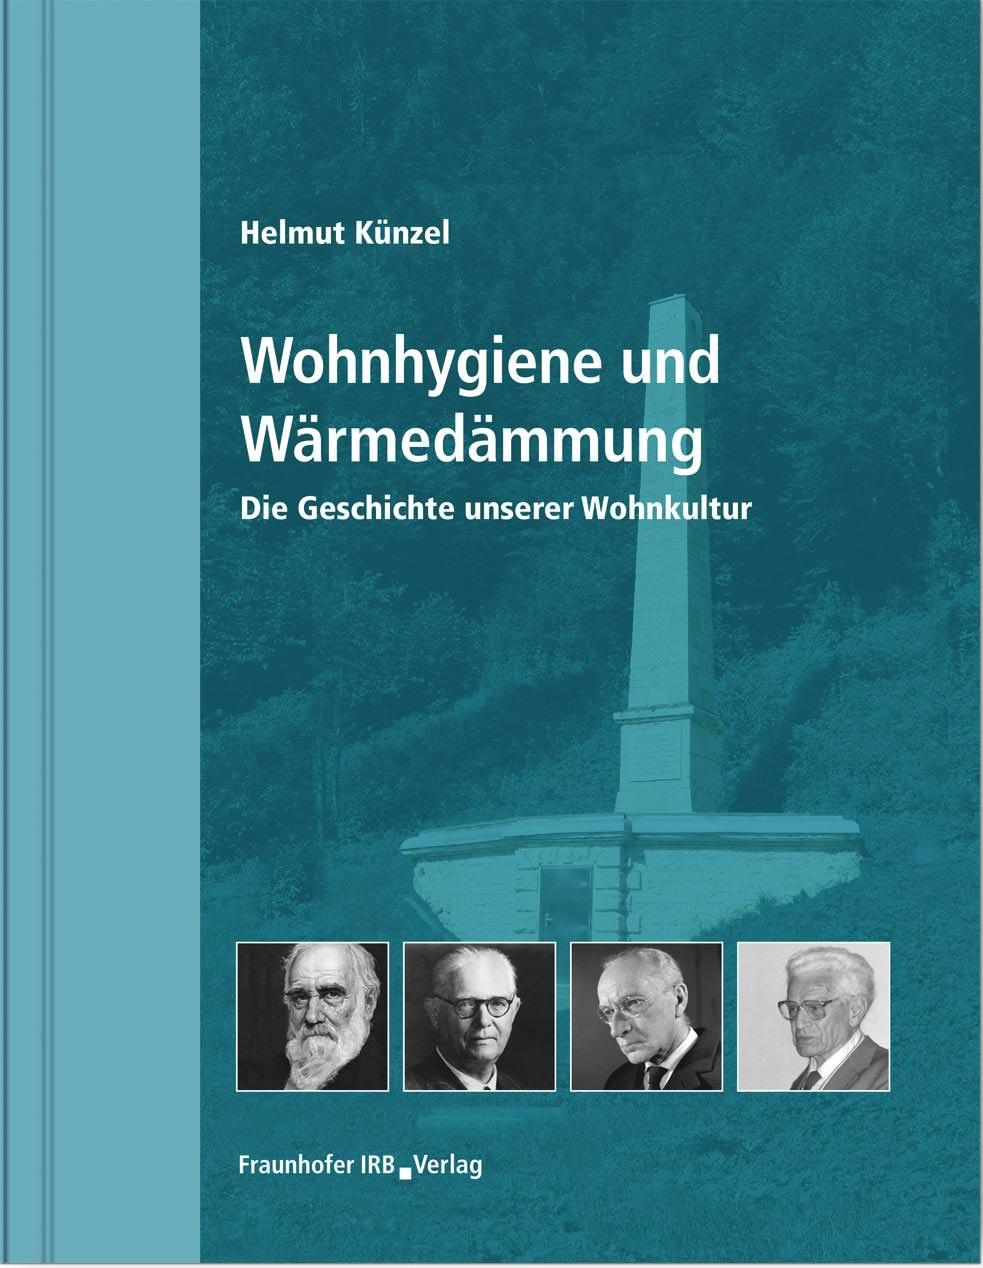 169 Seiten und 41 Abbildungen über Wohnhygiene und Wärmedämmung